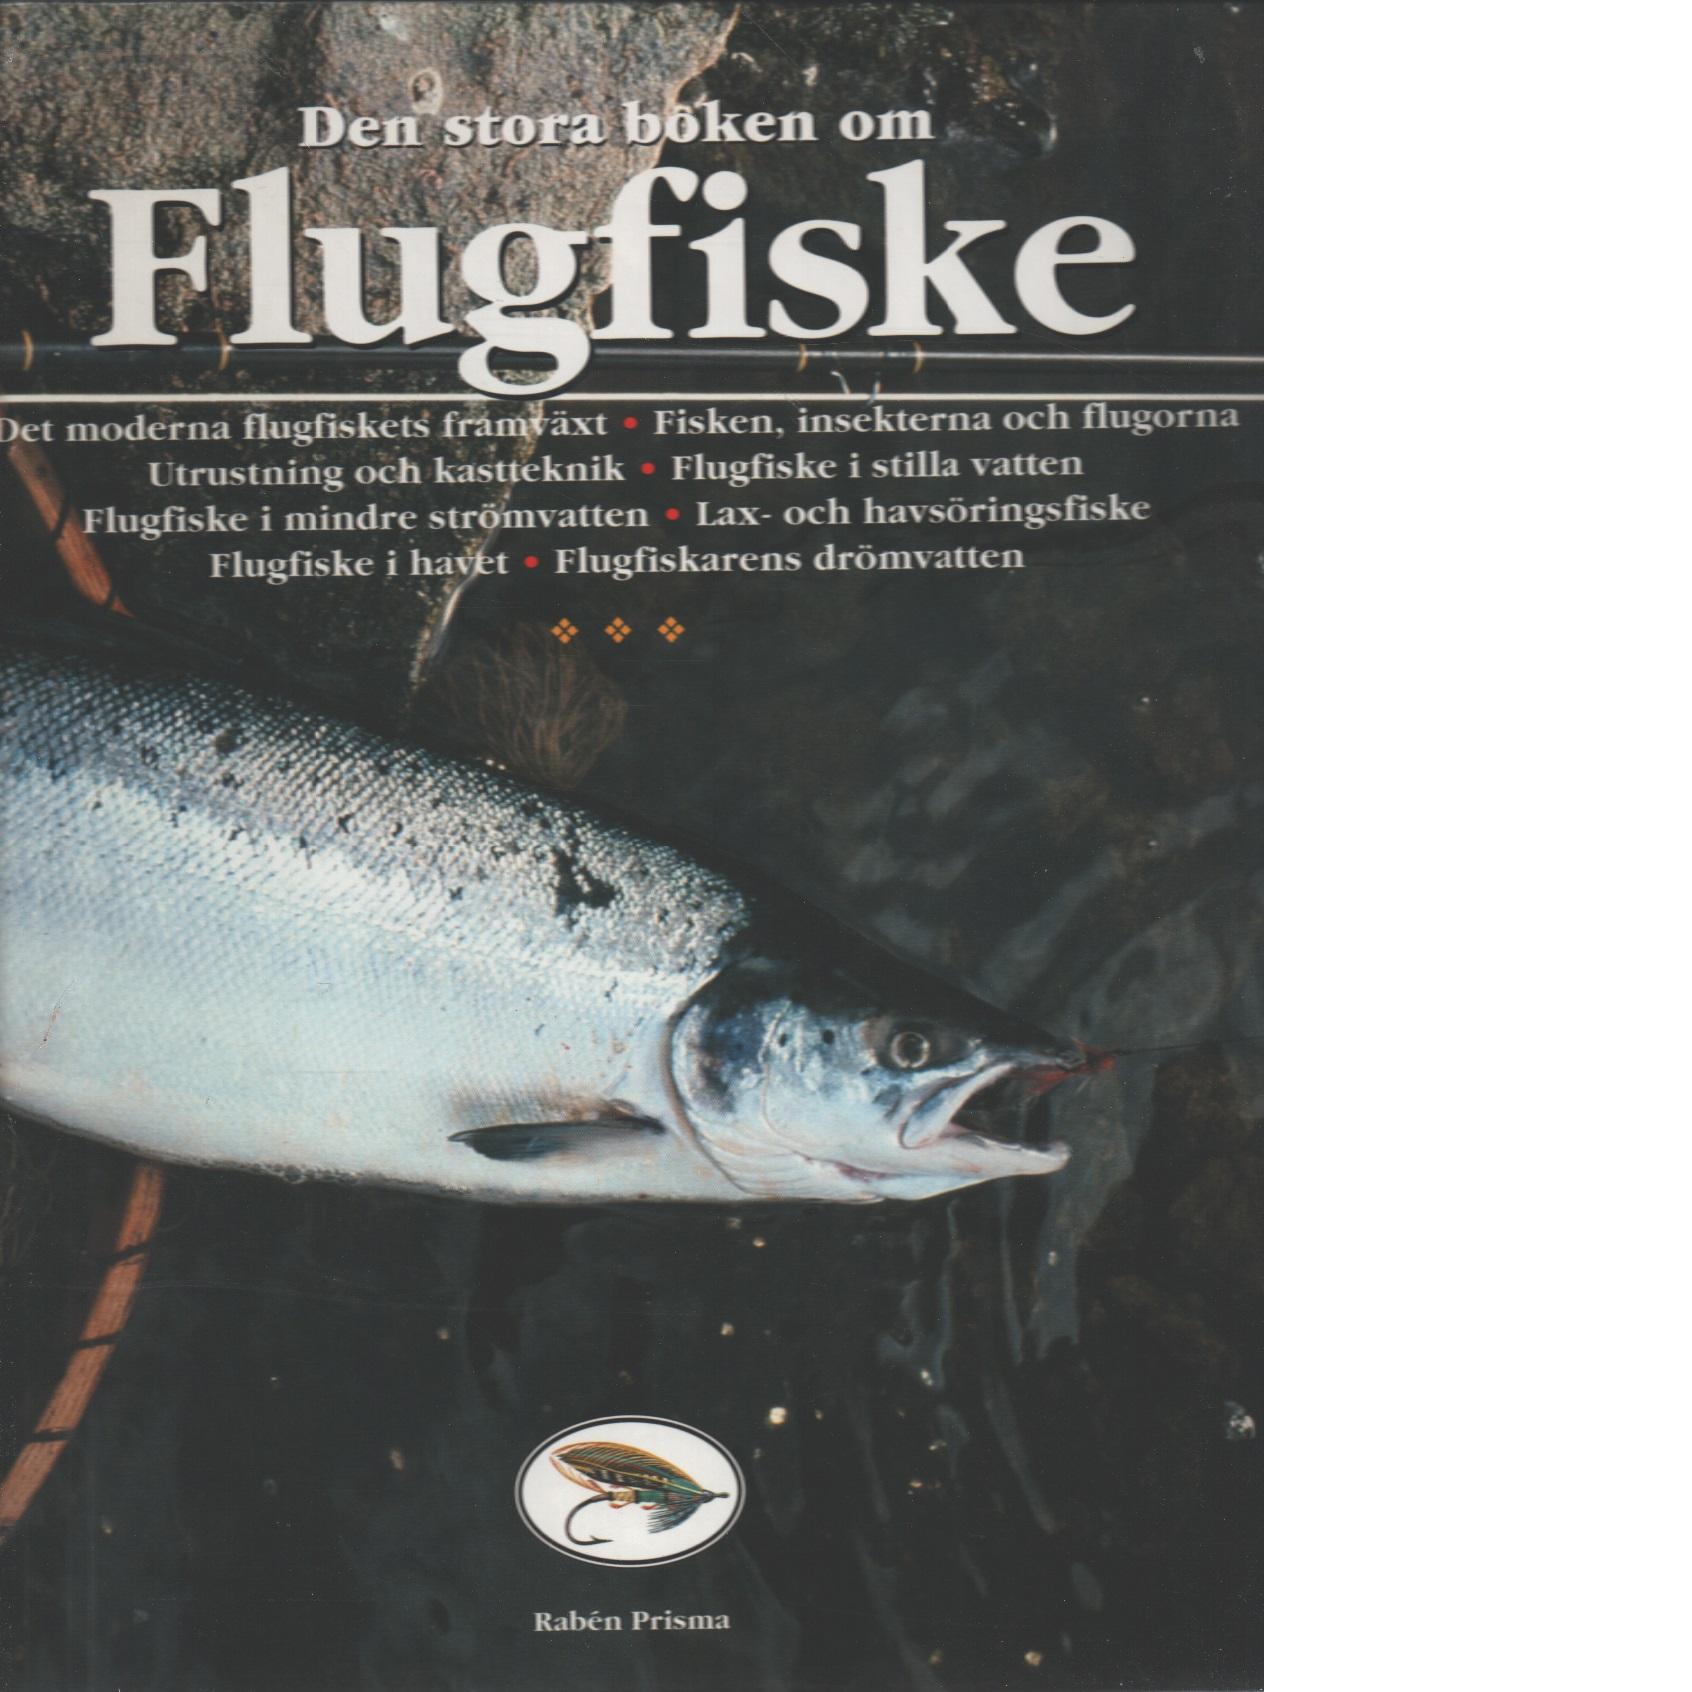 Den stora boken om flugfiske - Red.